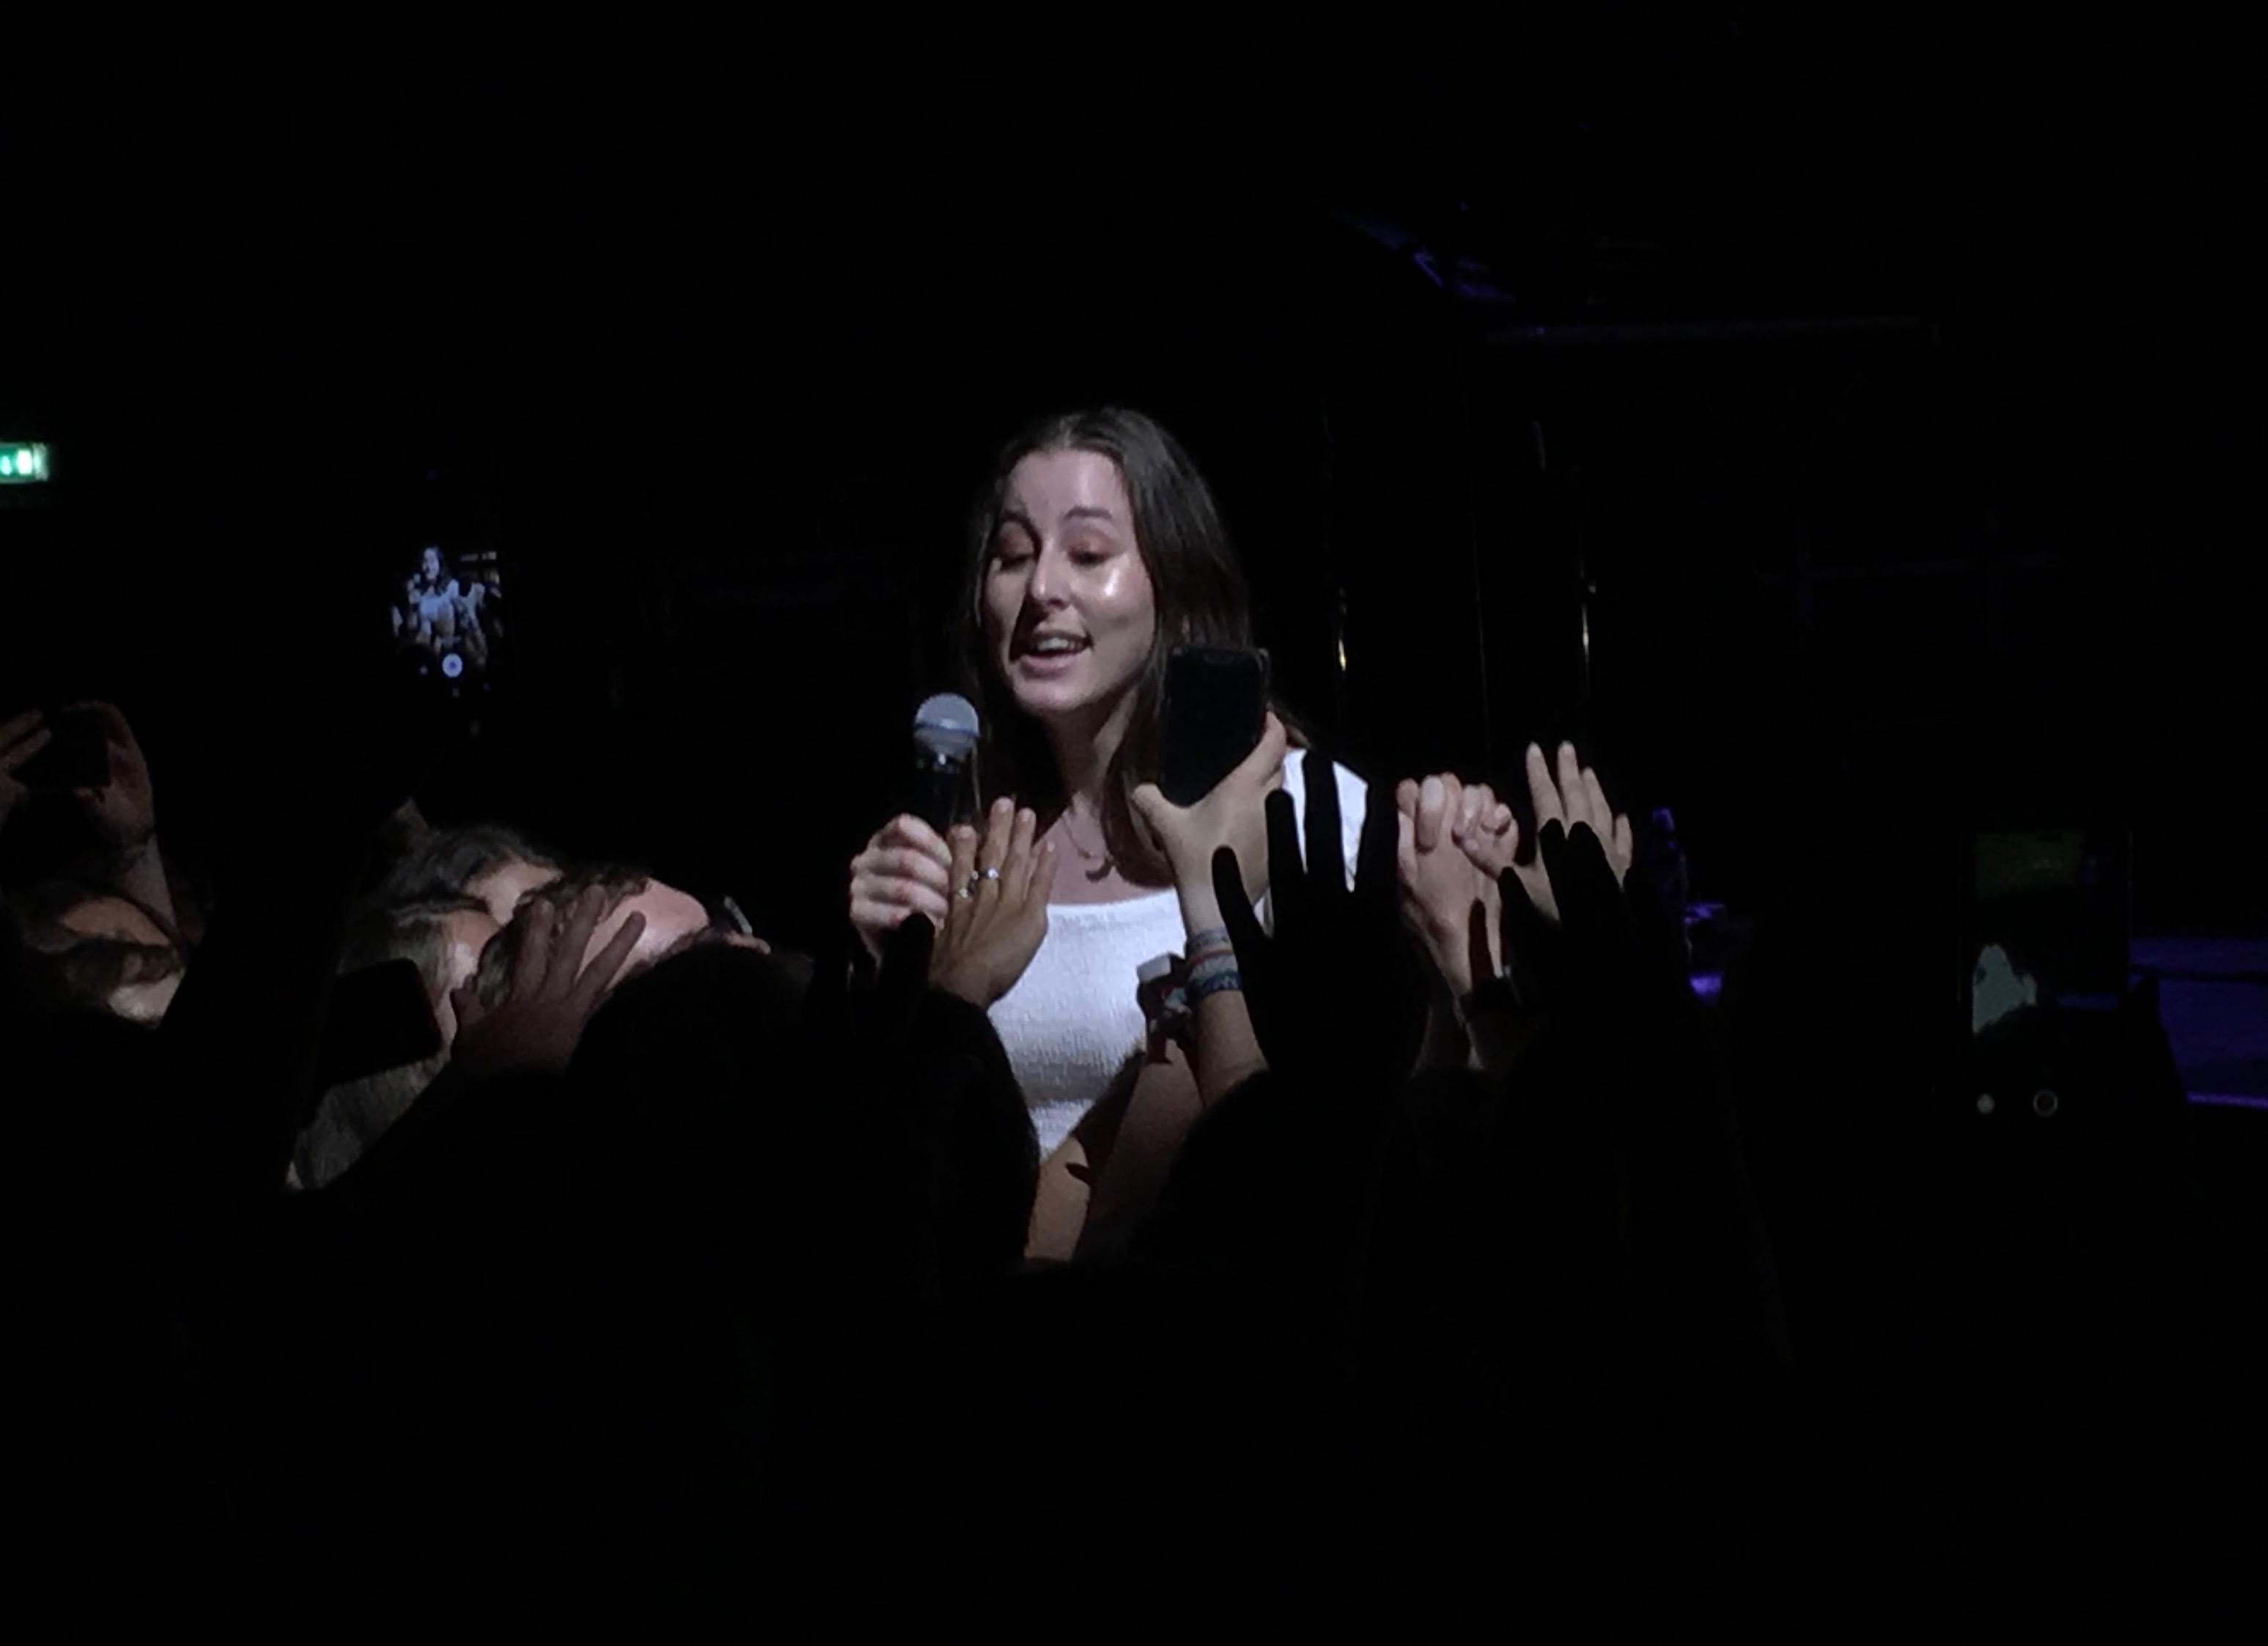 Alana Haim live in Berlin 2018. Sie ist im Bühnengraben, den Fans zugewandt.